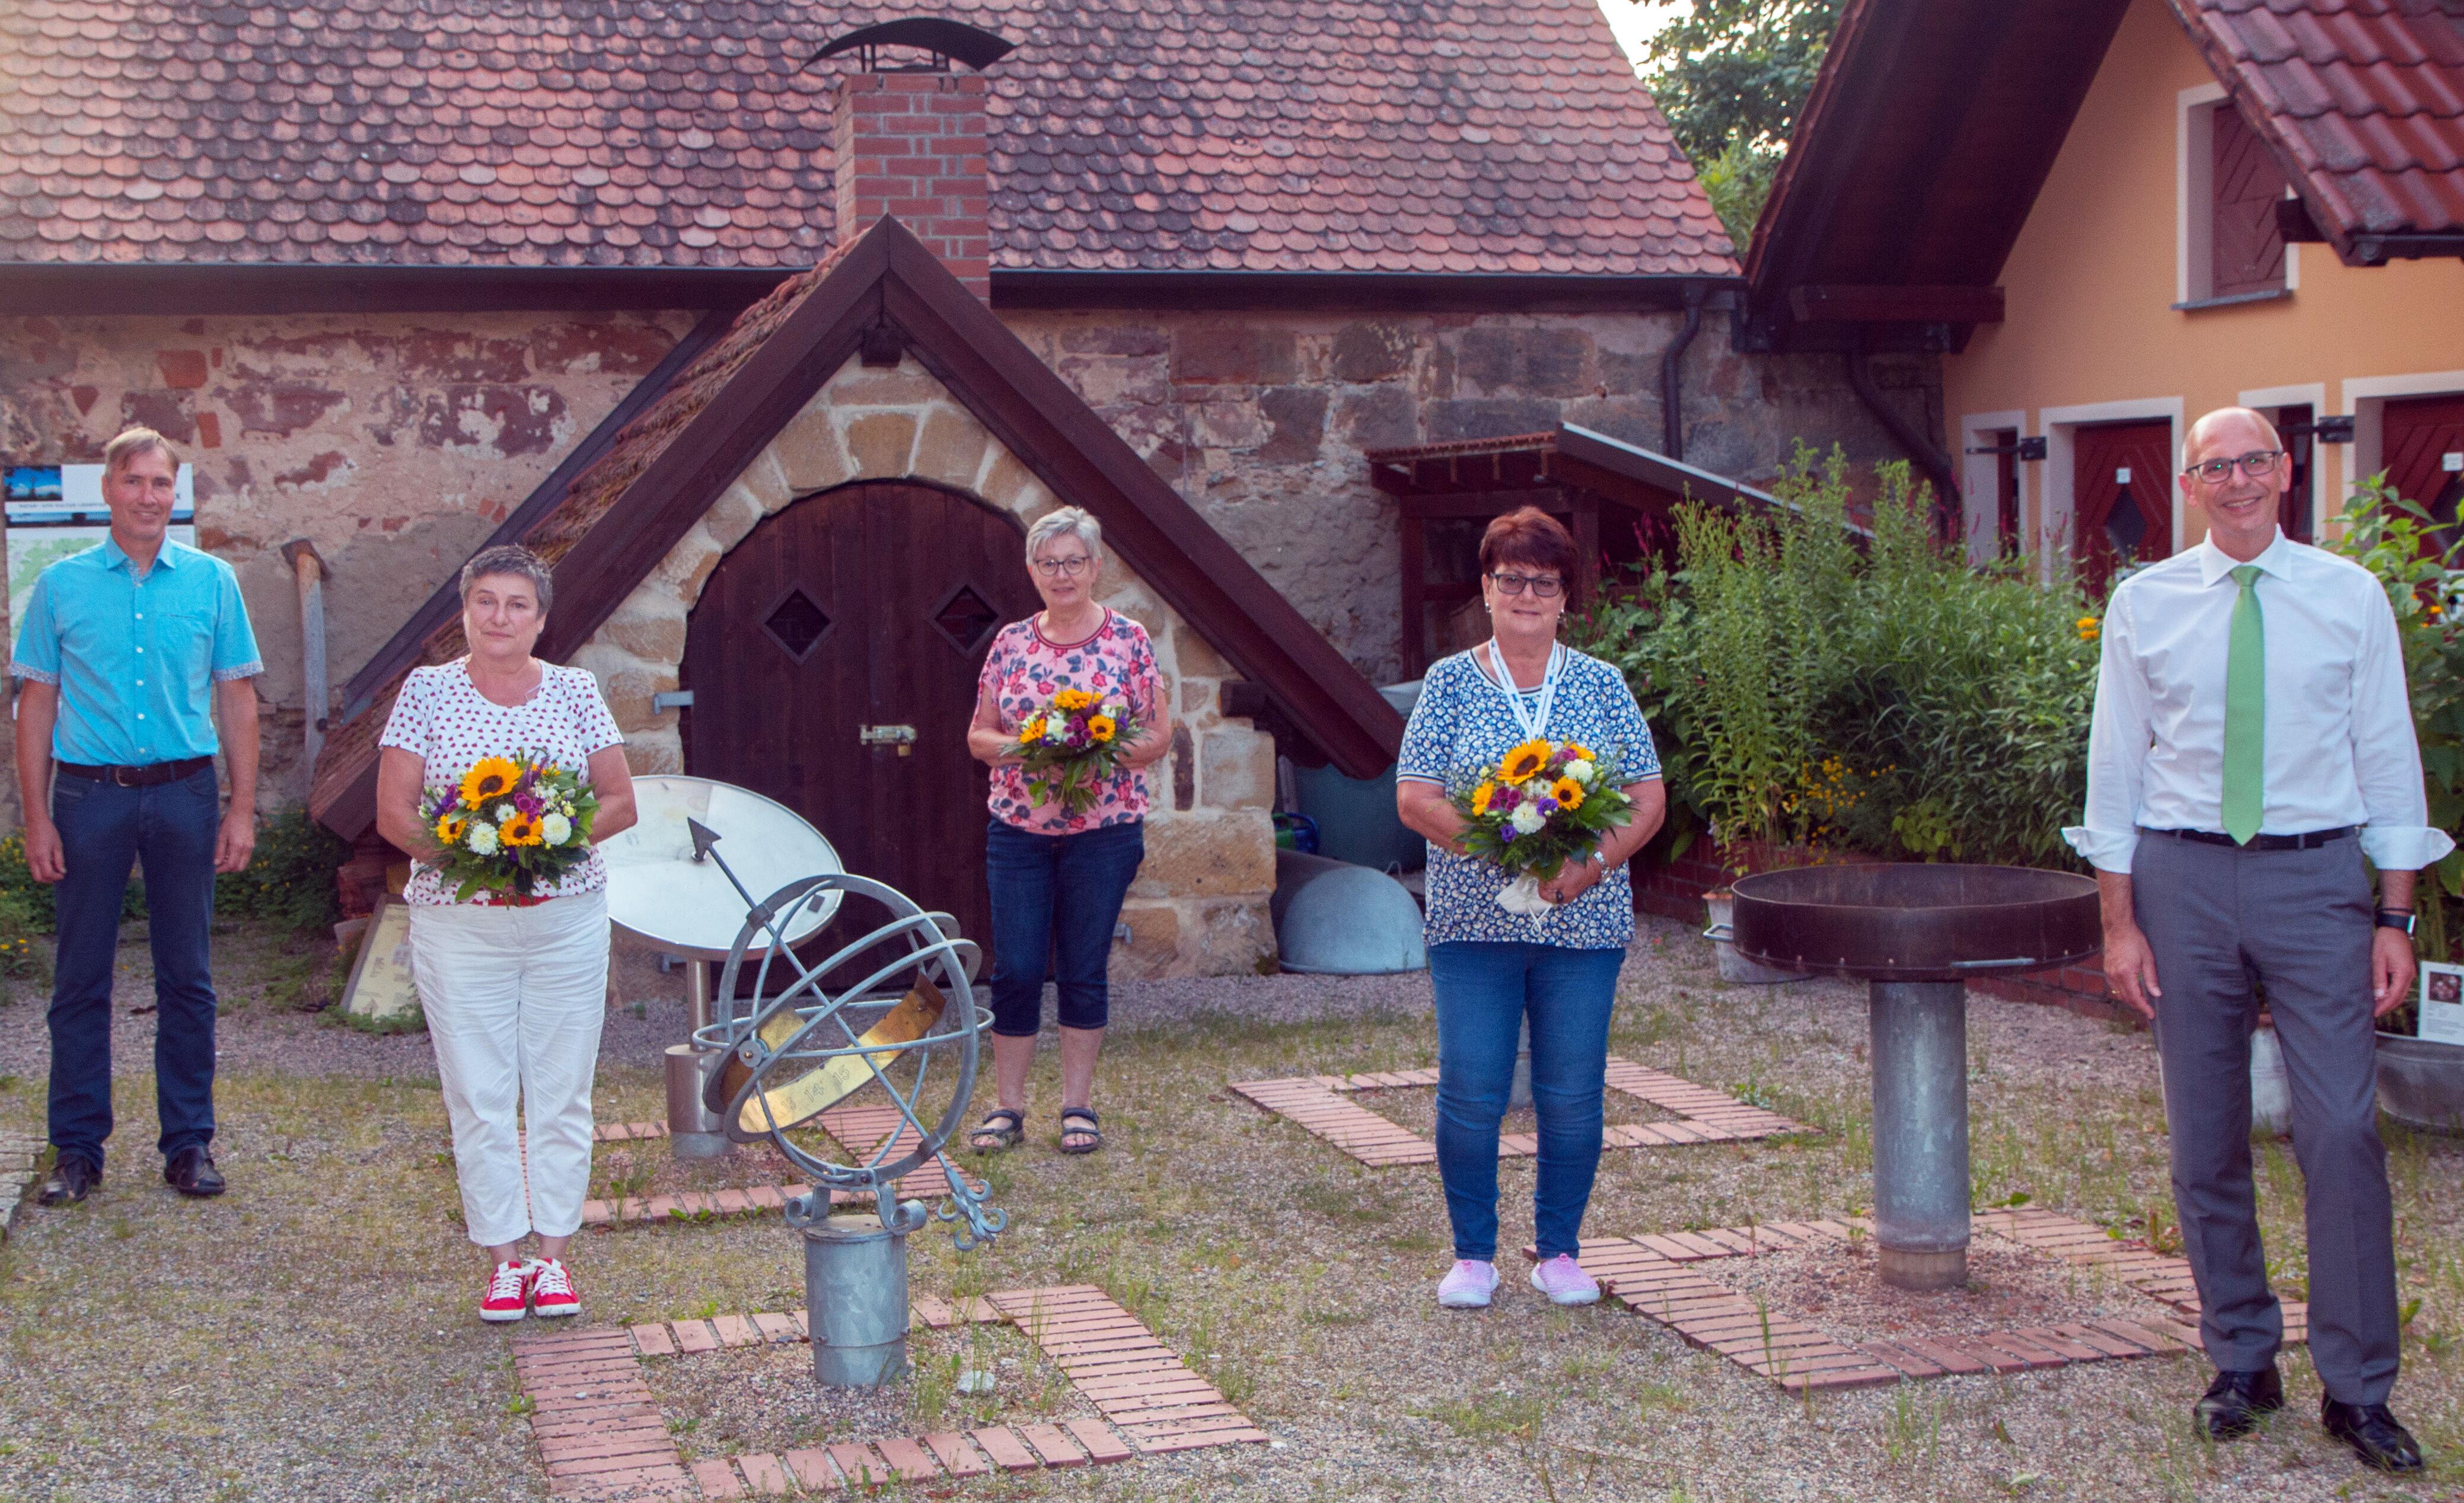 Blumen gab es für die Gartenzertifiziererinnen. Foto: KVGL/Christoph Bäuerlein